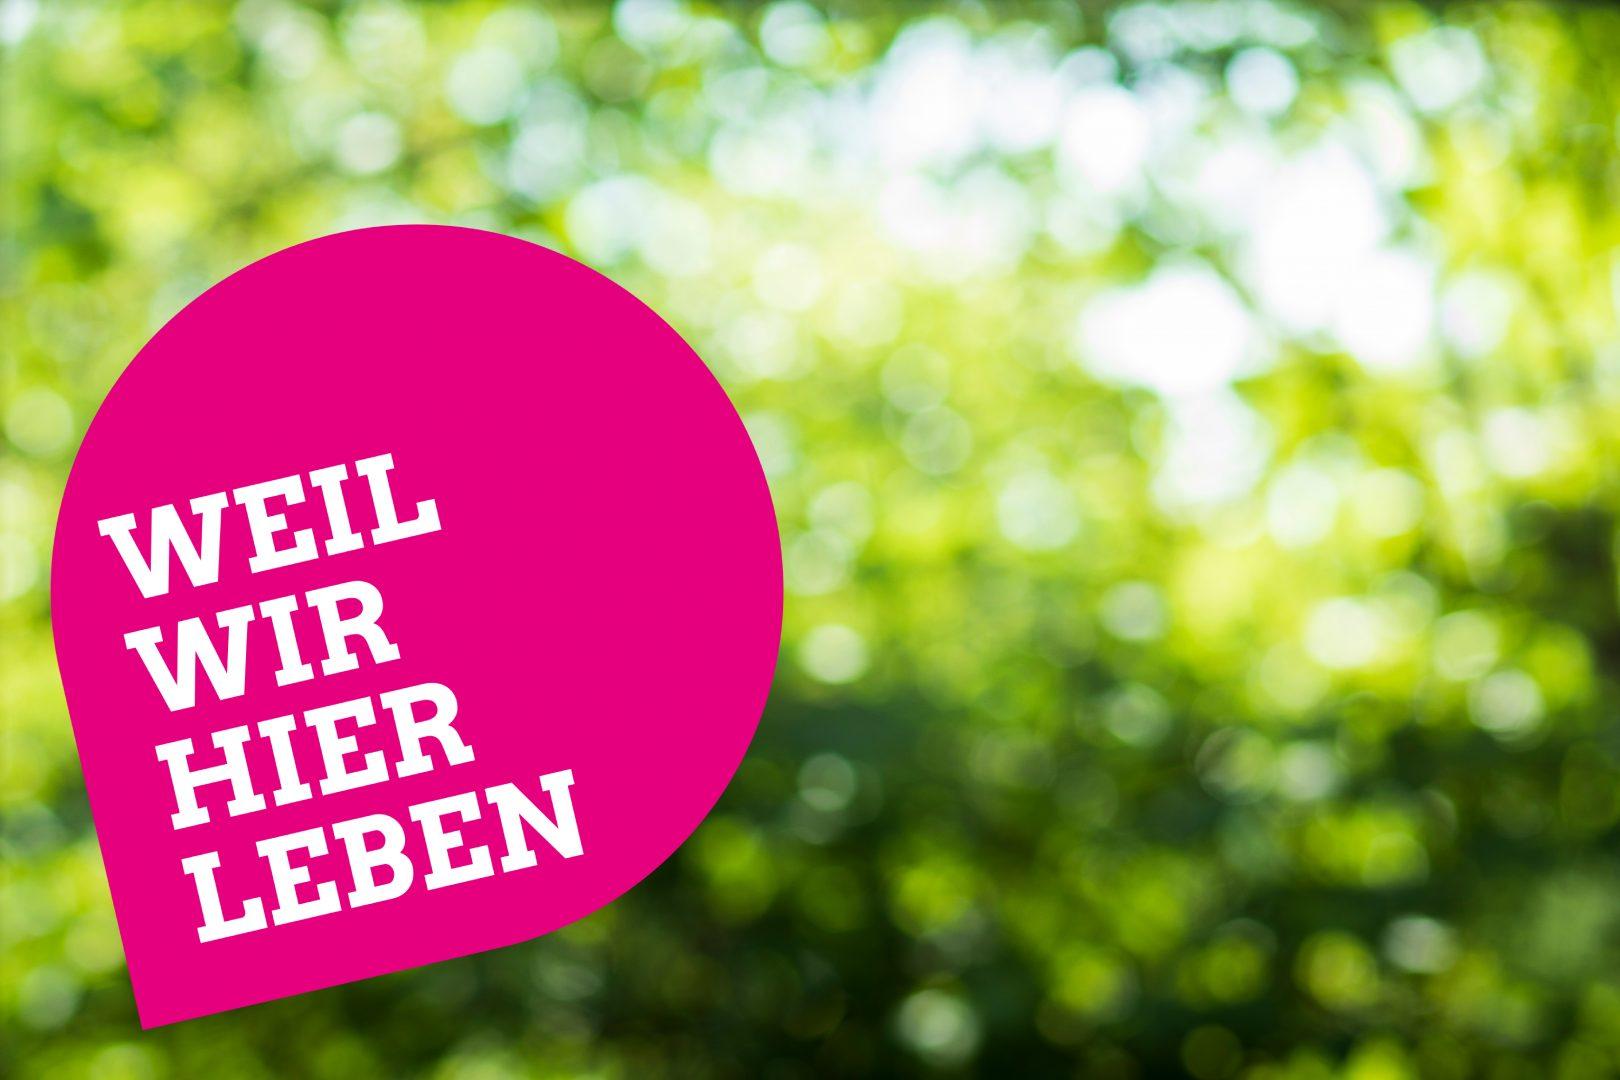 """Grüner Blätterhintergrund mit dem Schriftzug """"Weil wir hier leben"""""""